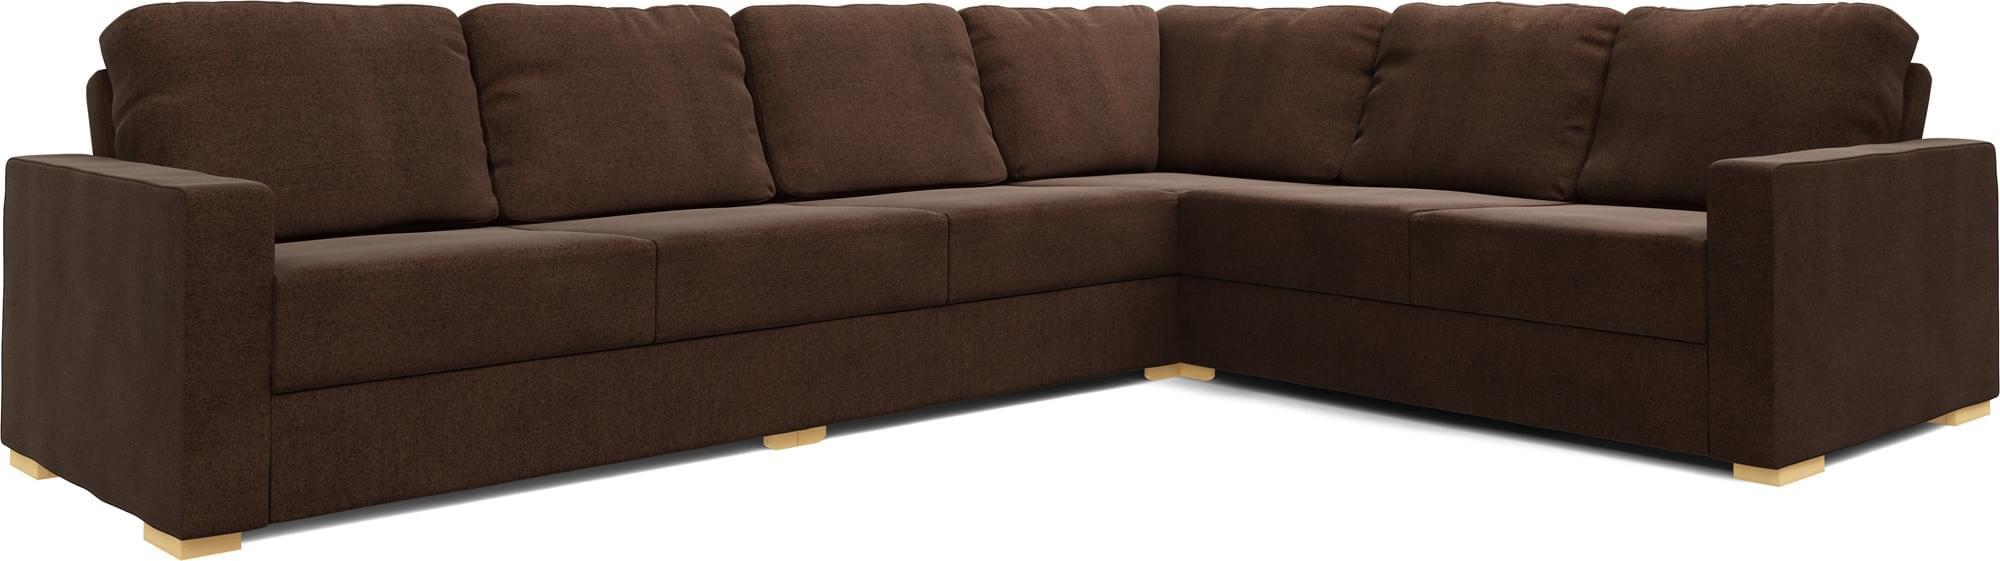 Alda 4X3 Corner Sofa